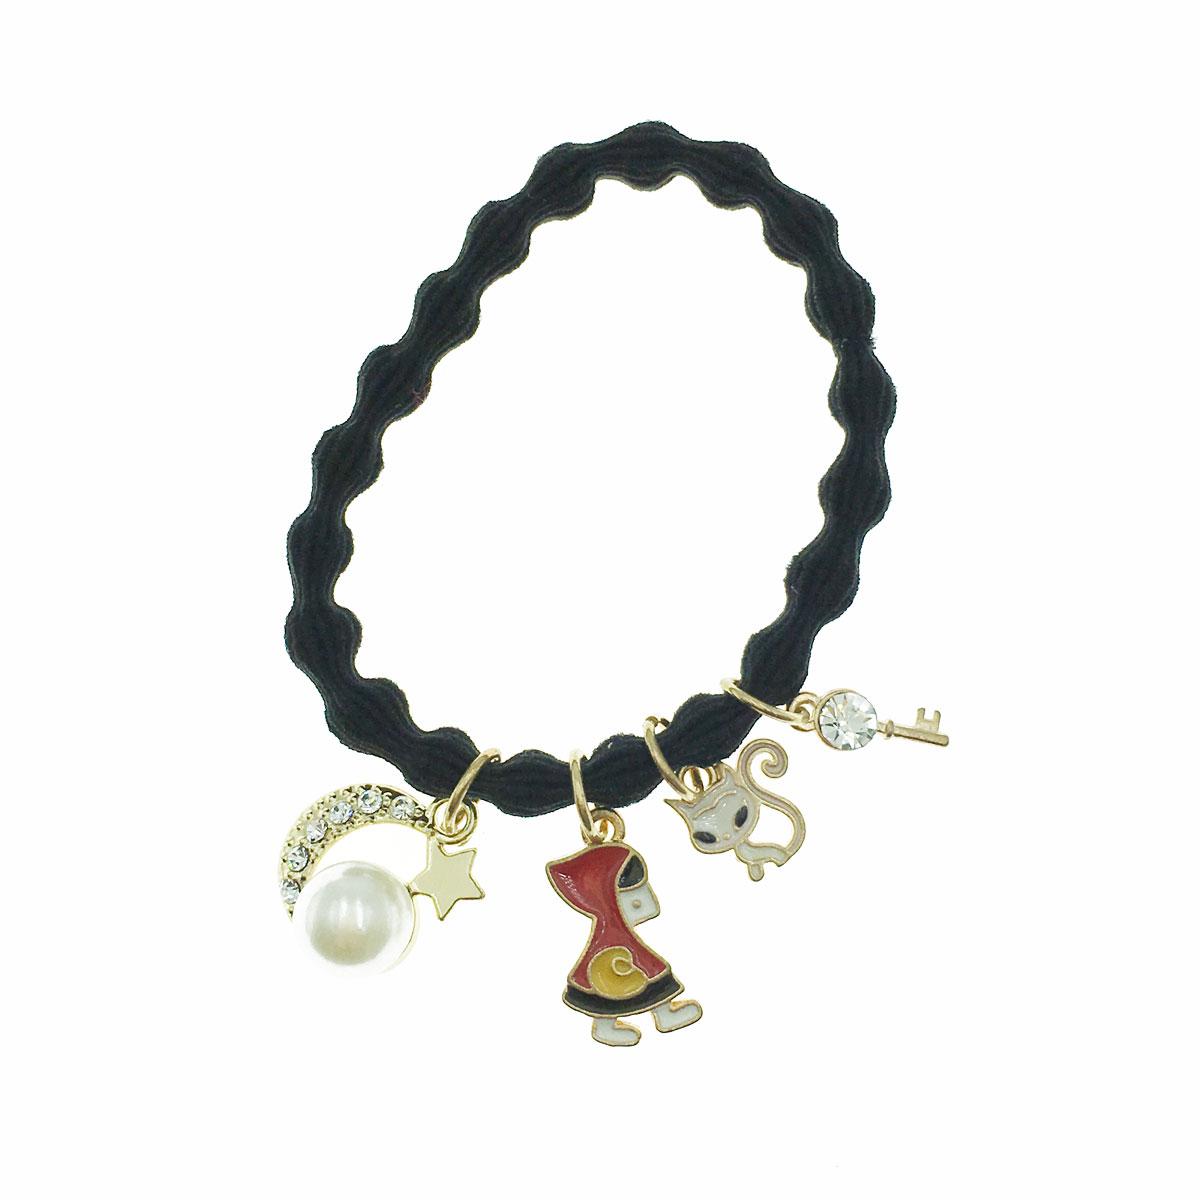 韓國 小紅帽 貓咪 水鑽 珍珠 鑰匙 星星 髮束 髮圈 髮飾